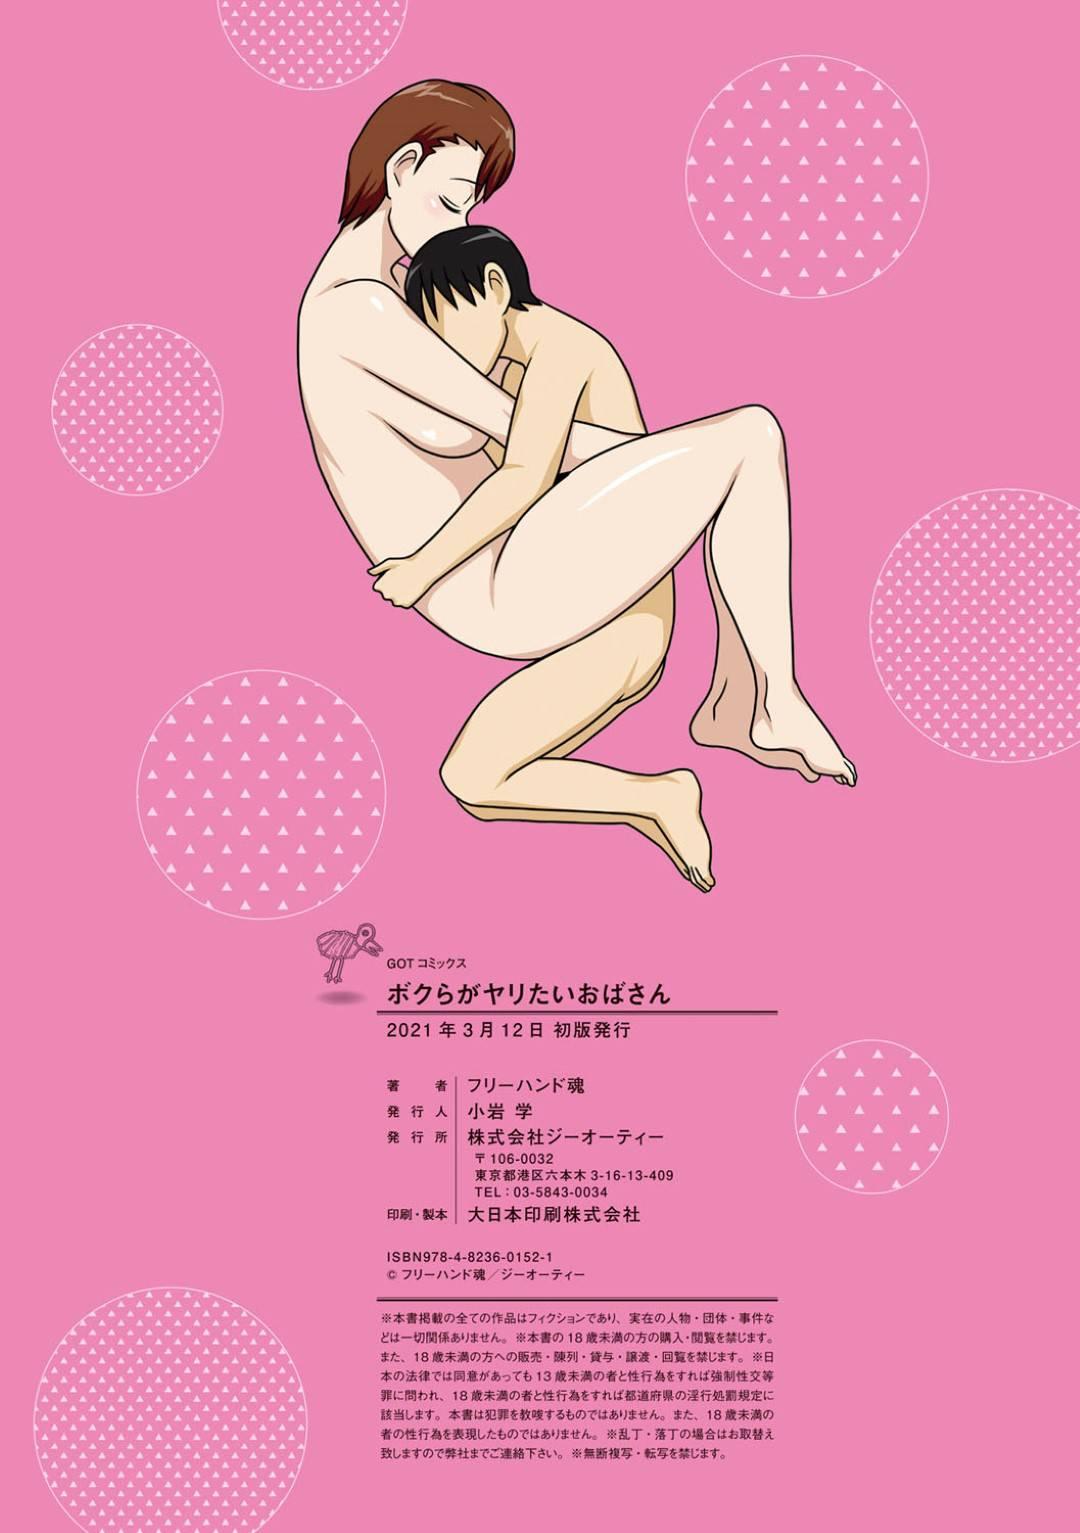 【エロ漫画】エロ水着でセックスしちゃう2人の美女な母親…乳首舐めしたり手コキしたり中出しセックスで3Pしてイチャラブしちゃう!【フリーハンド魂:ろ〜かるパコママ倶楽部】